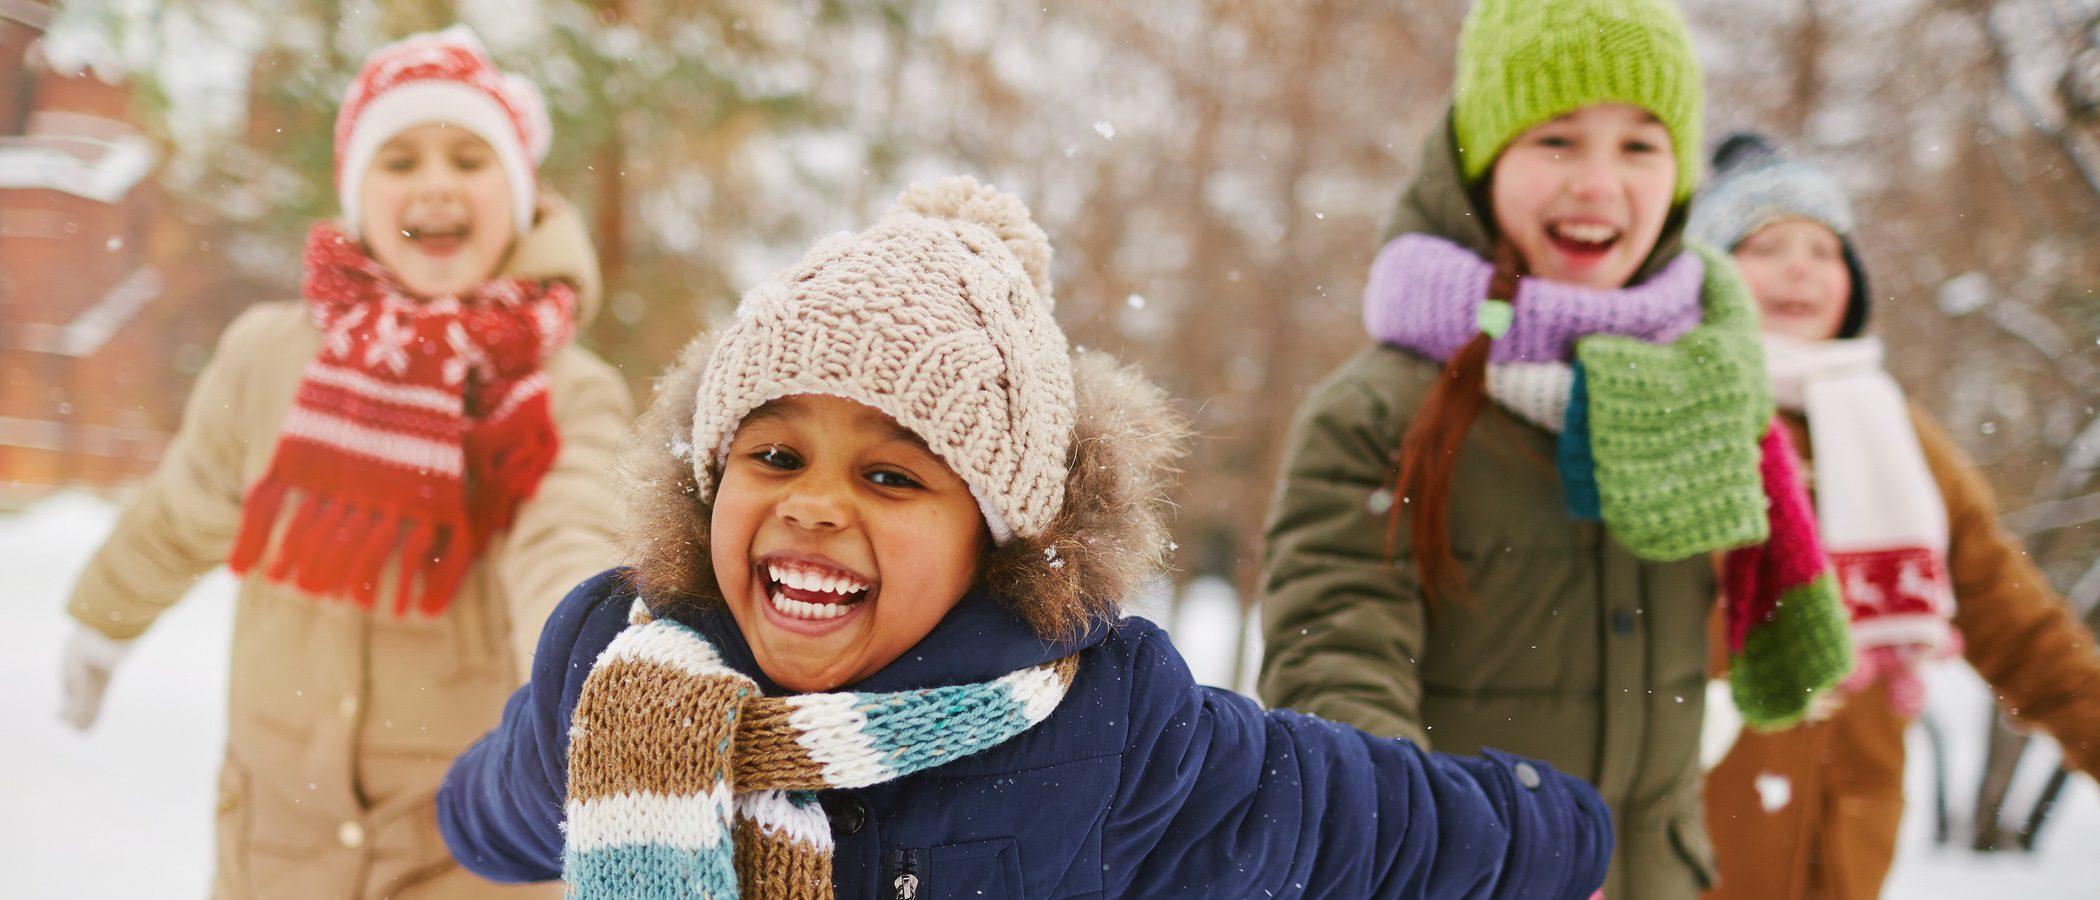 268130123 Moda infantil en invierno: cómo vestir a los niños para ir al parque ...